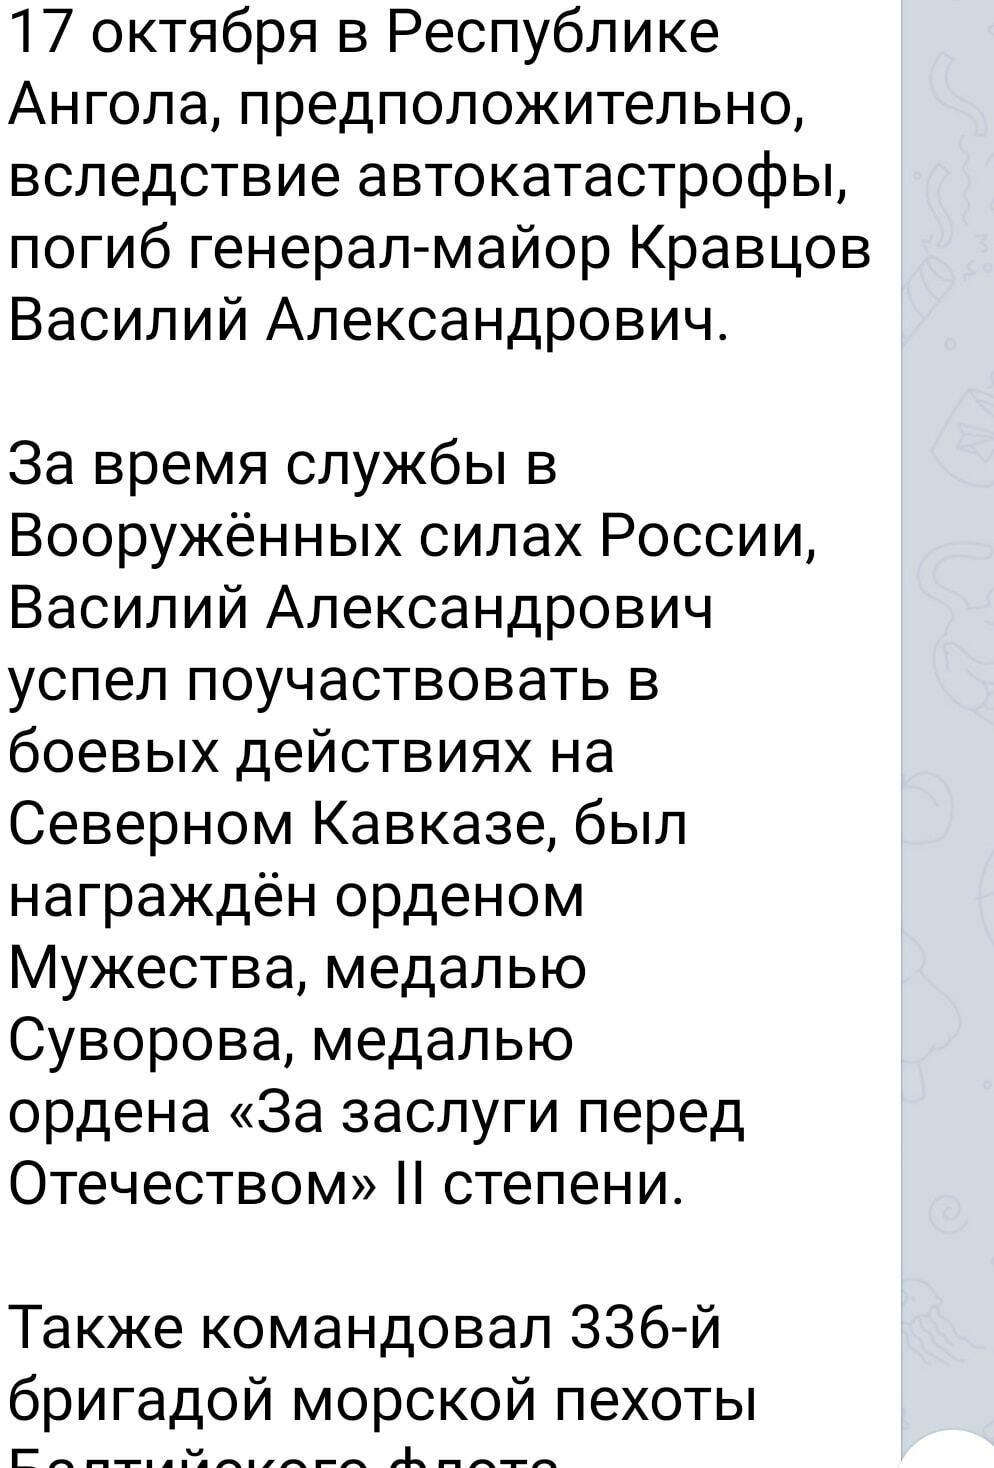 Российский генерал Кравцов якобы погиб в Африке в ДТП